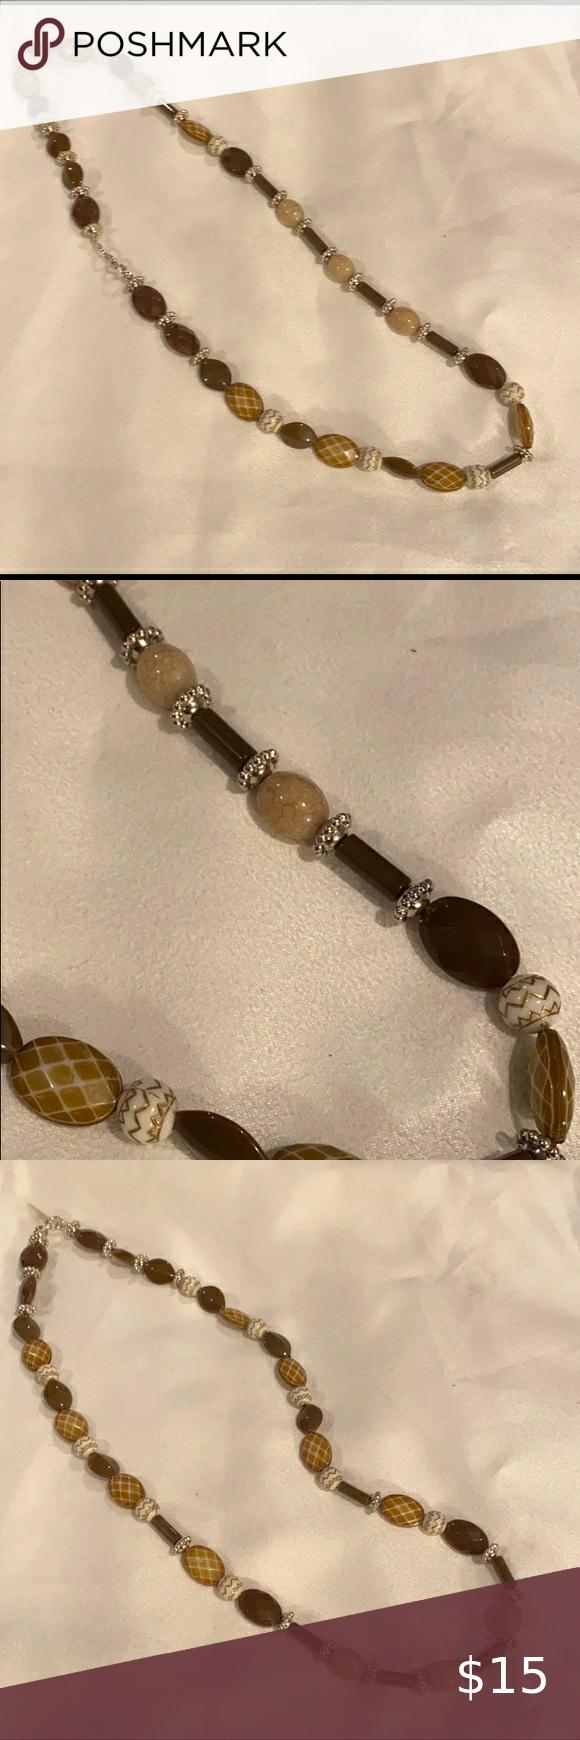 29++ Buy one get one free jewelry ideas